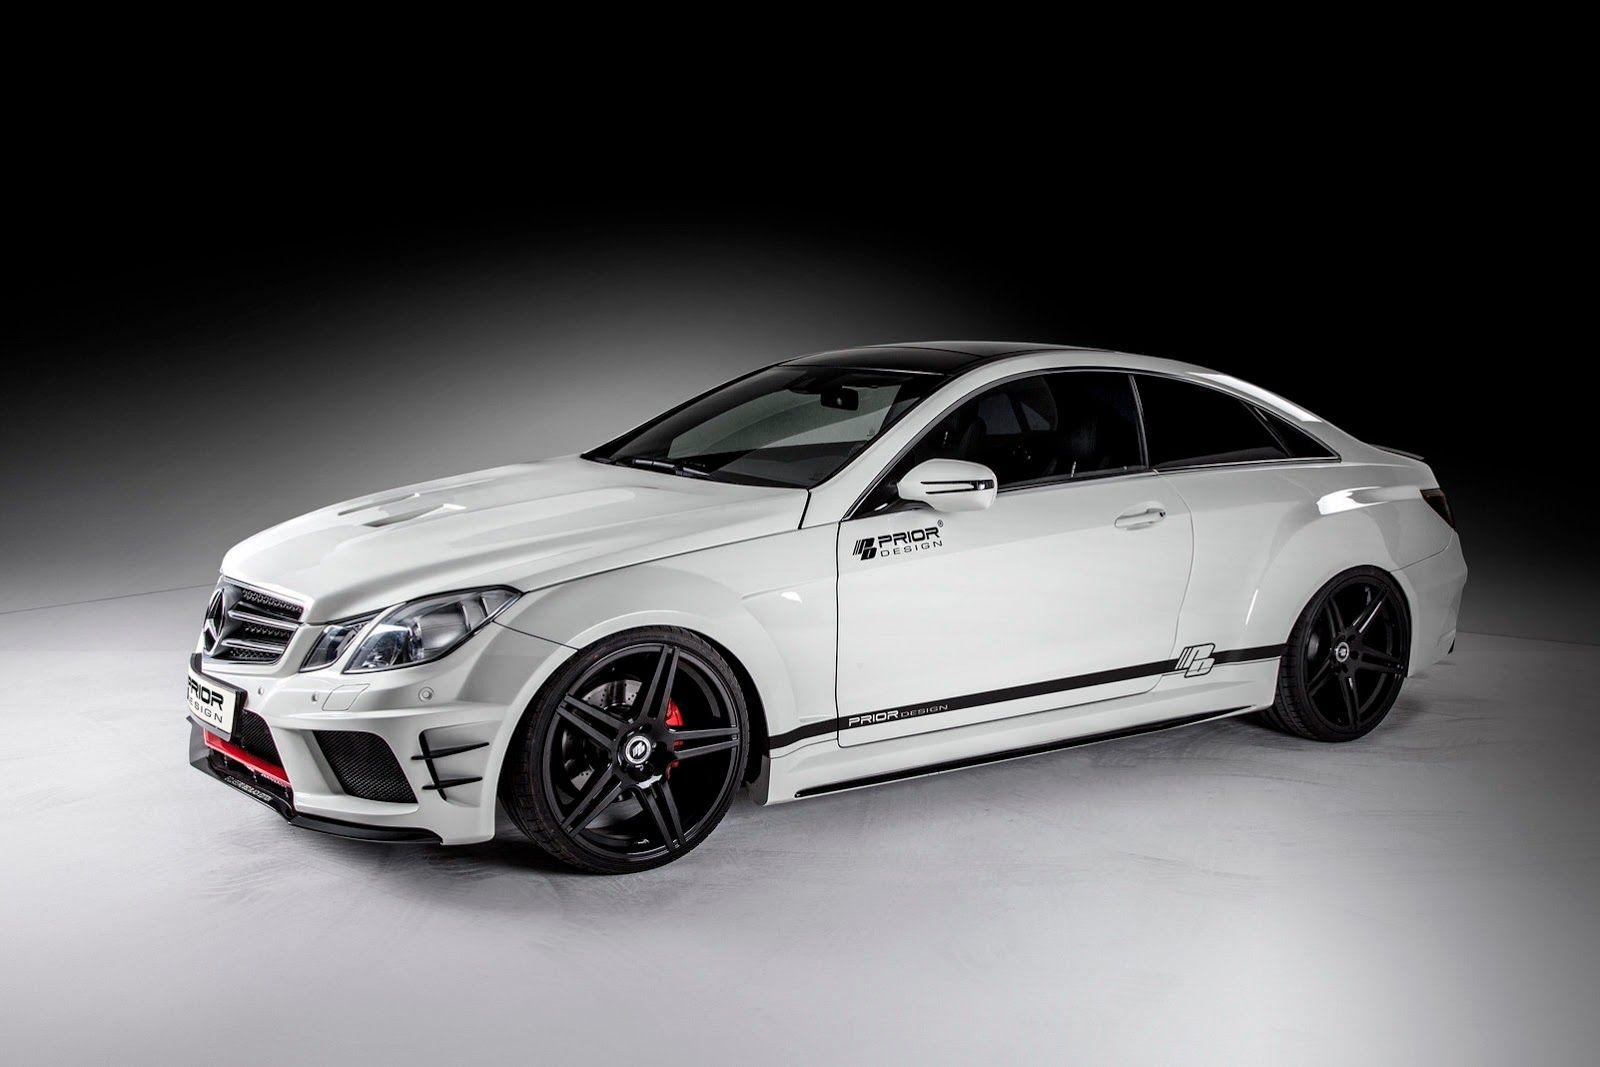 Prior Design Tune For Prior Facelift Mercedes Benz E Class Coupe Carscoops Mercedes E Class Coupe Benz E Mercedes